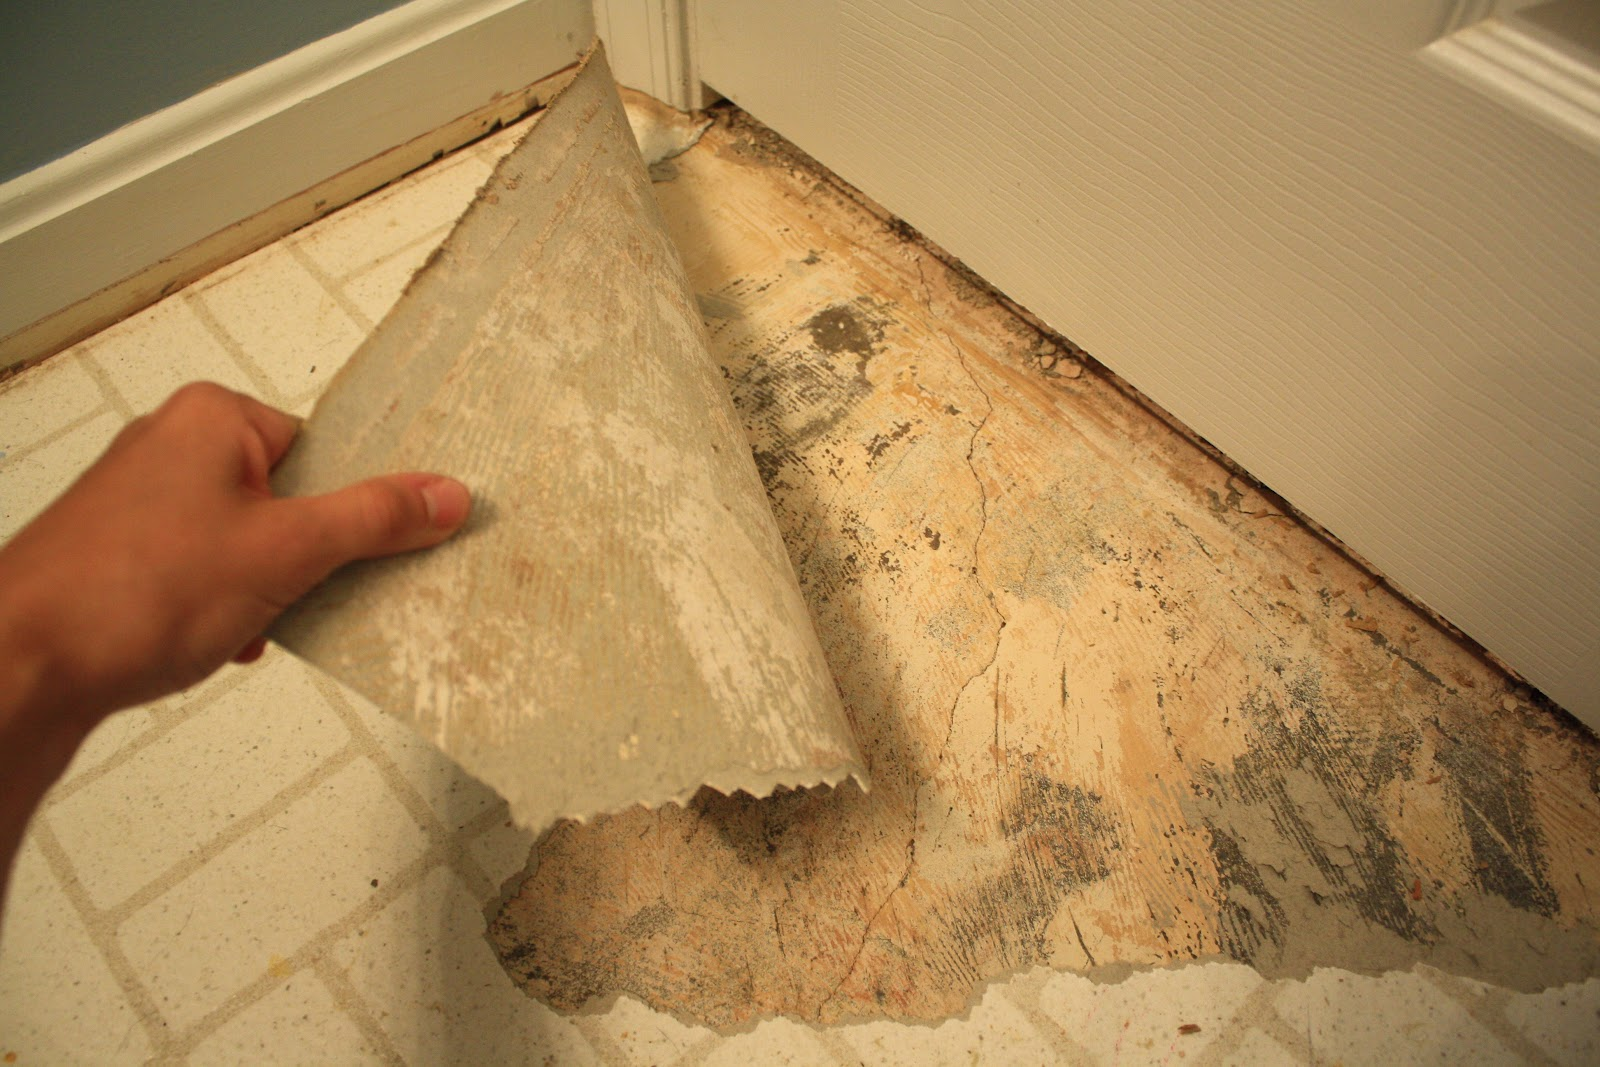 Simply Diy 2 Bathroom Floor Part 1 Before Grout